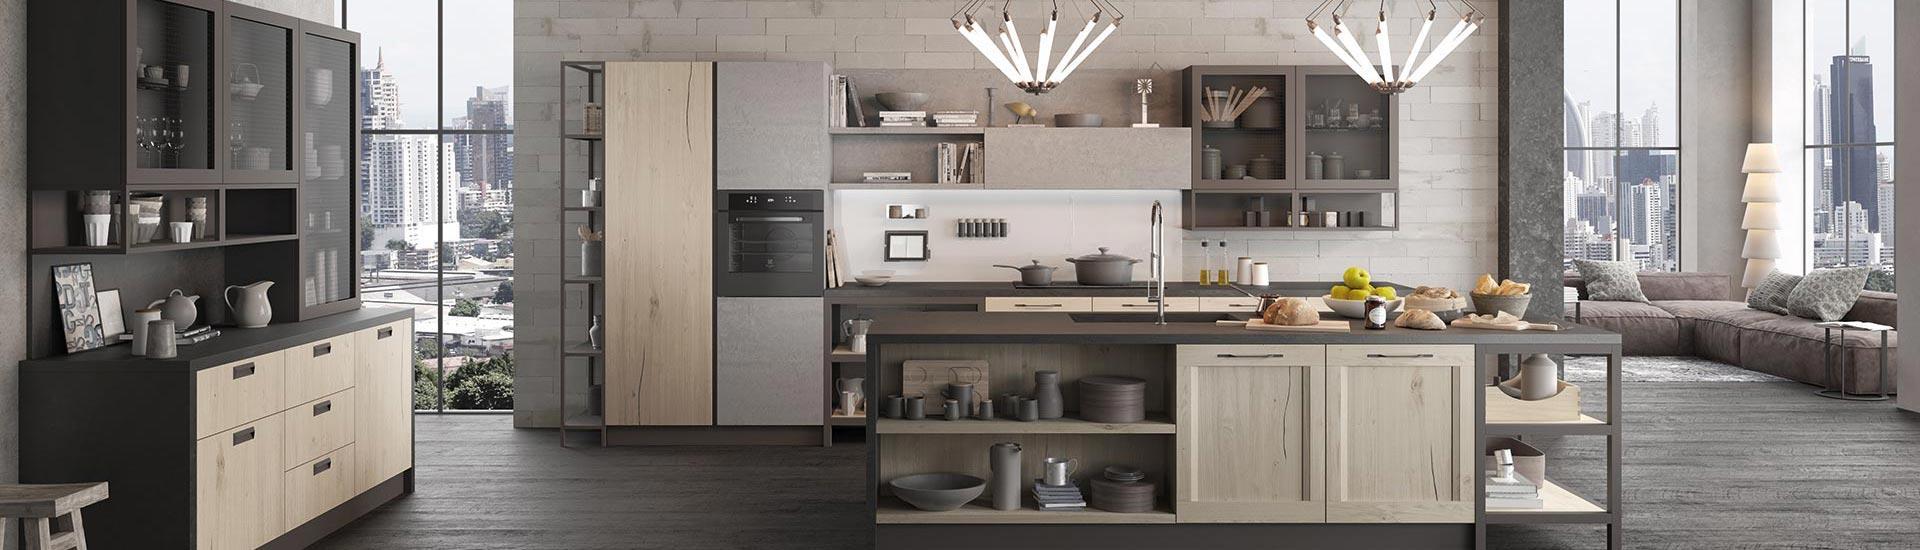 vista interna di una casa con cucina moderna in legno